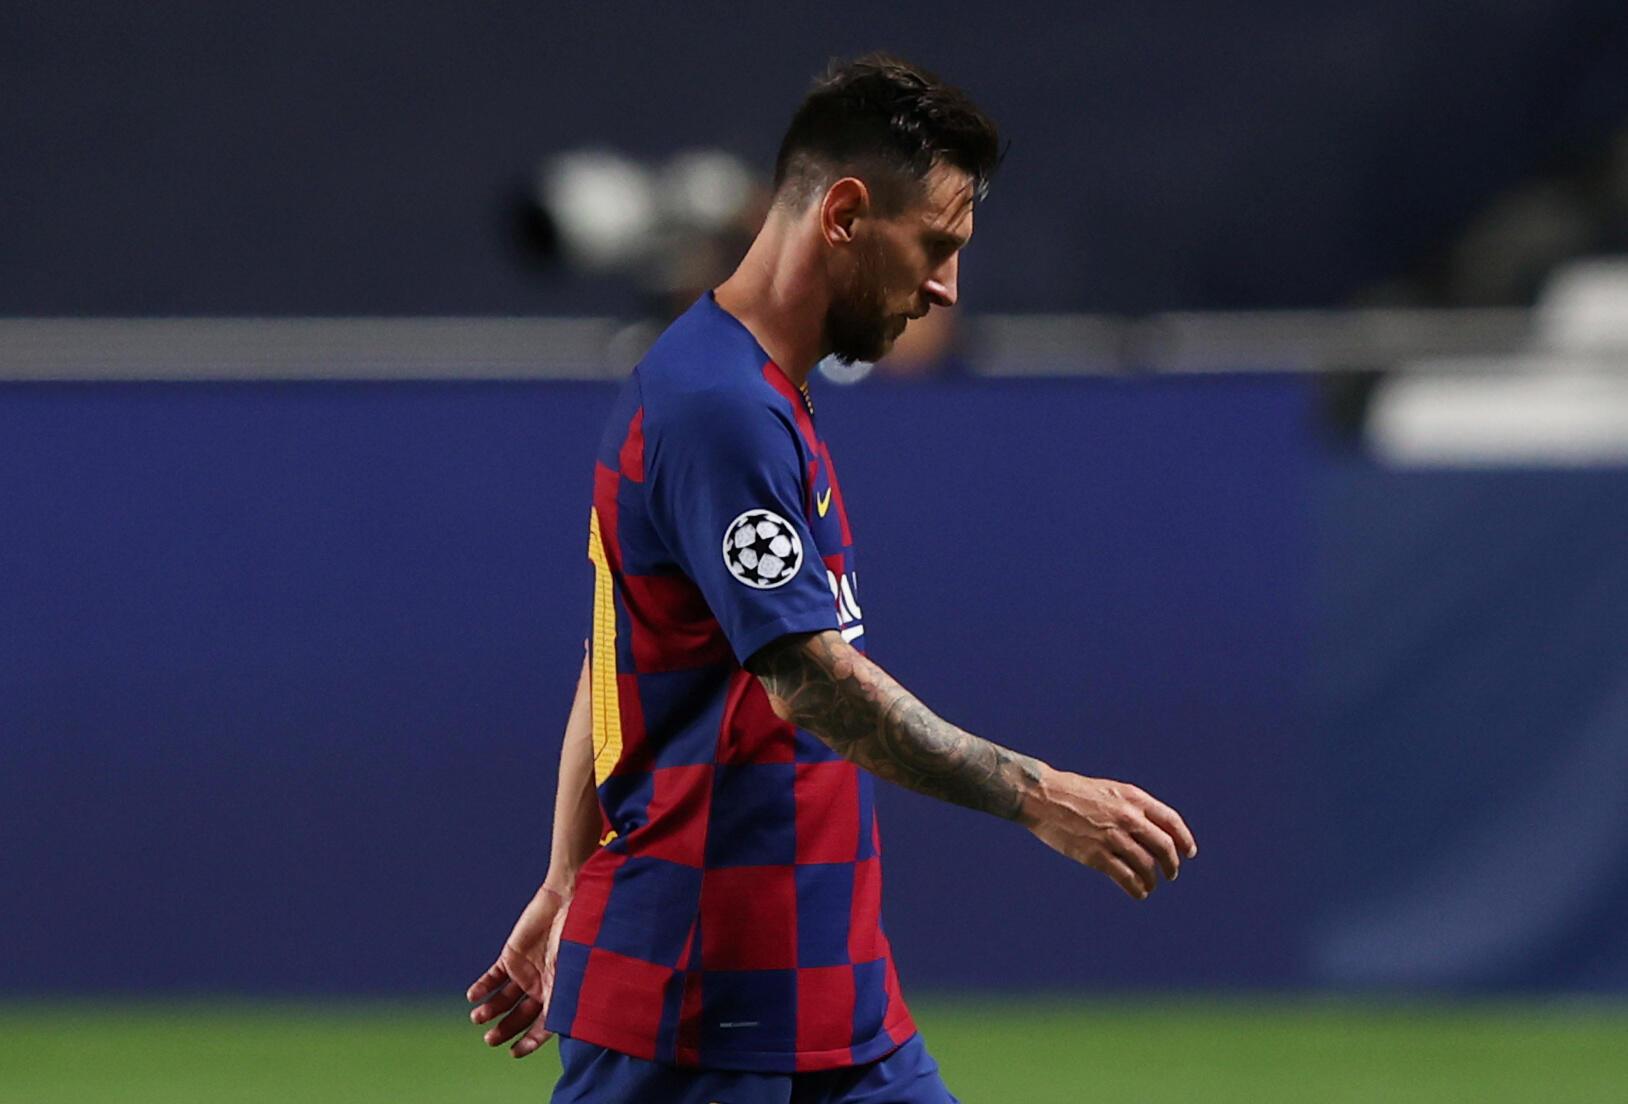 Lionel Messi, après la lourde défaite 8-2 du FC Barcelone contre le Bayern Munich, le 14 août 2020.